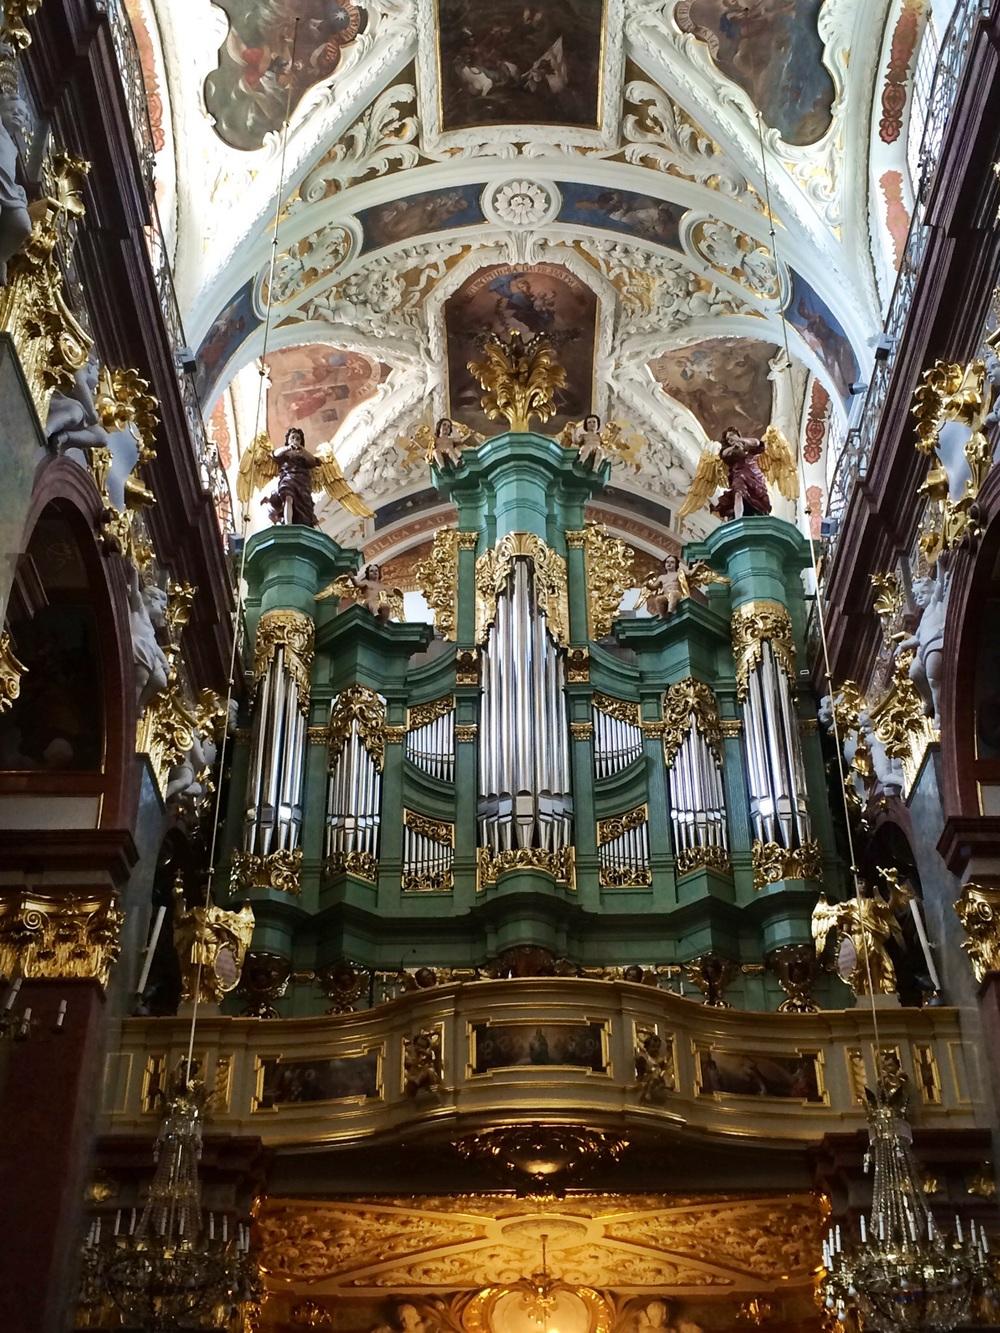 Beautiful organ